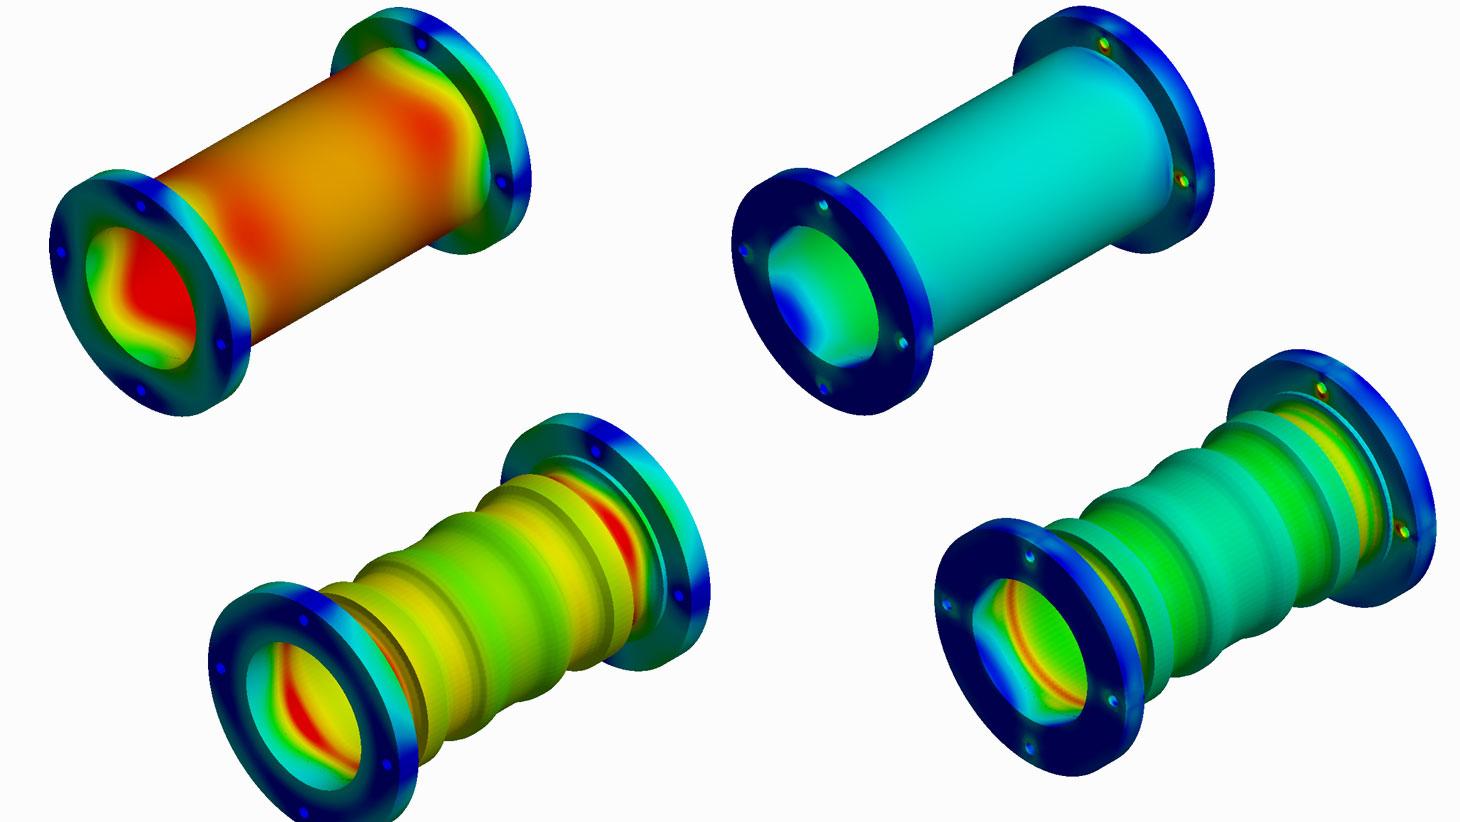 Em busca de um melhor projeto com otimização topológica